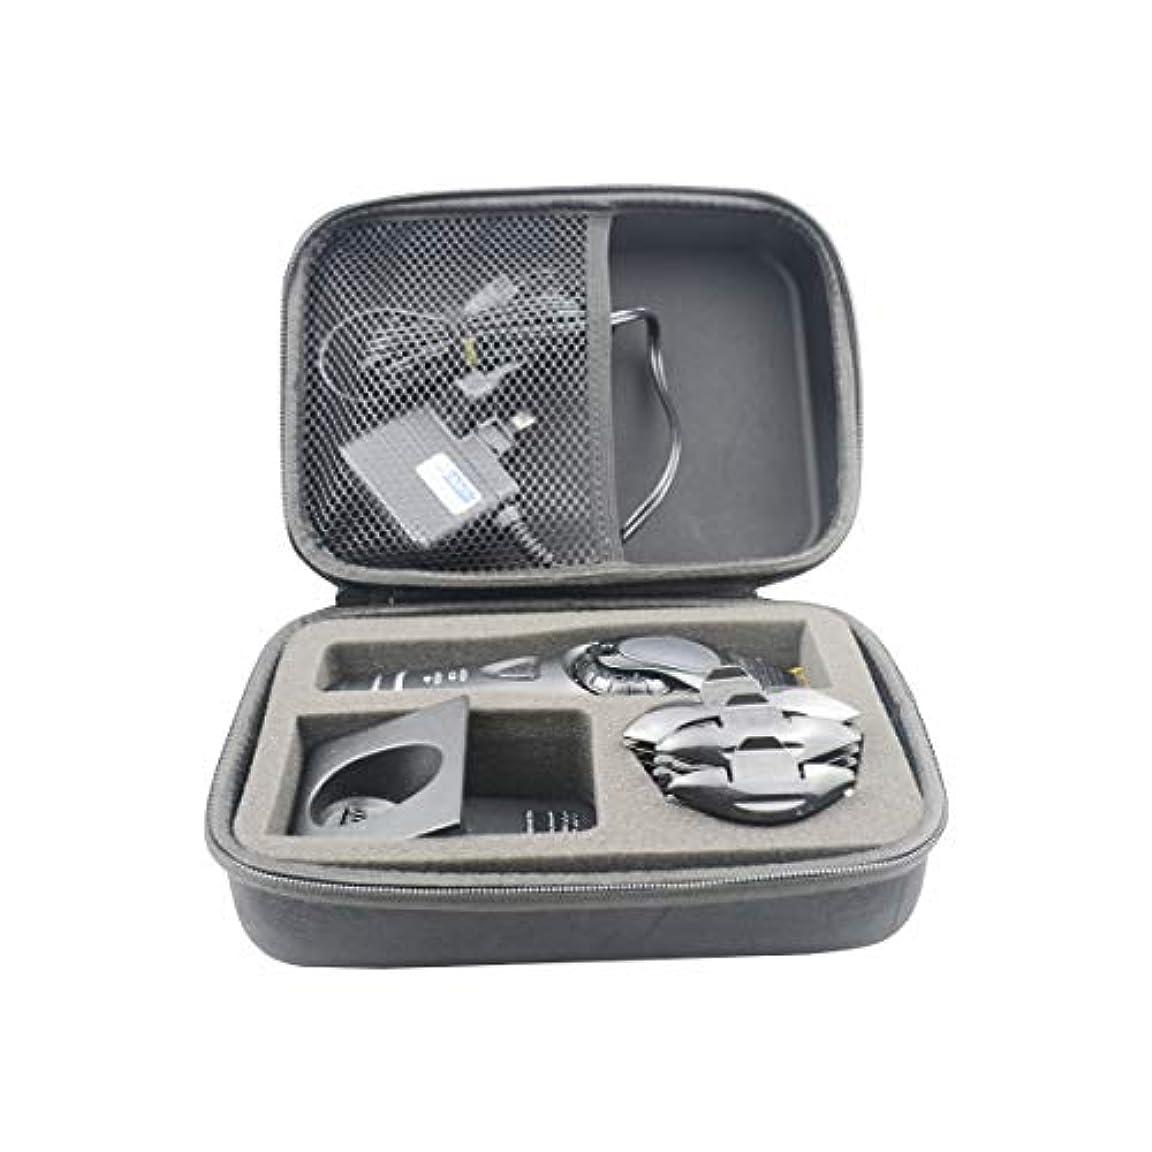 サーバ肉腫尋ねるSANVSENパナソニックER-GP80 Kプロフェッショナルヘアクリッパーハードスーツケース